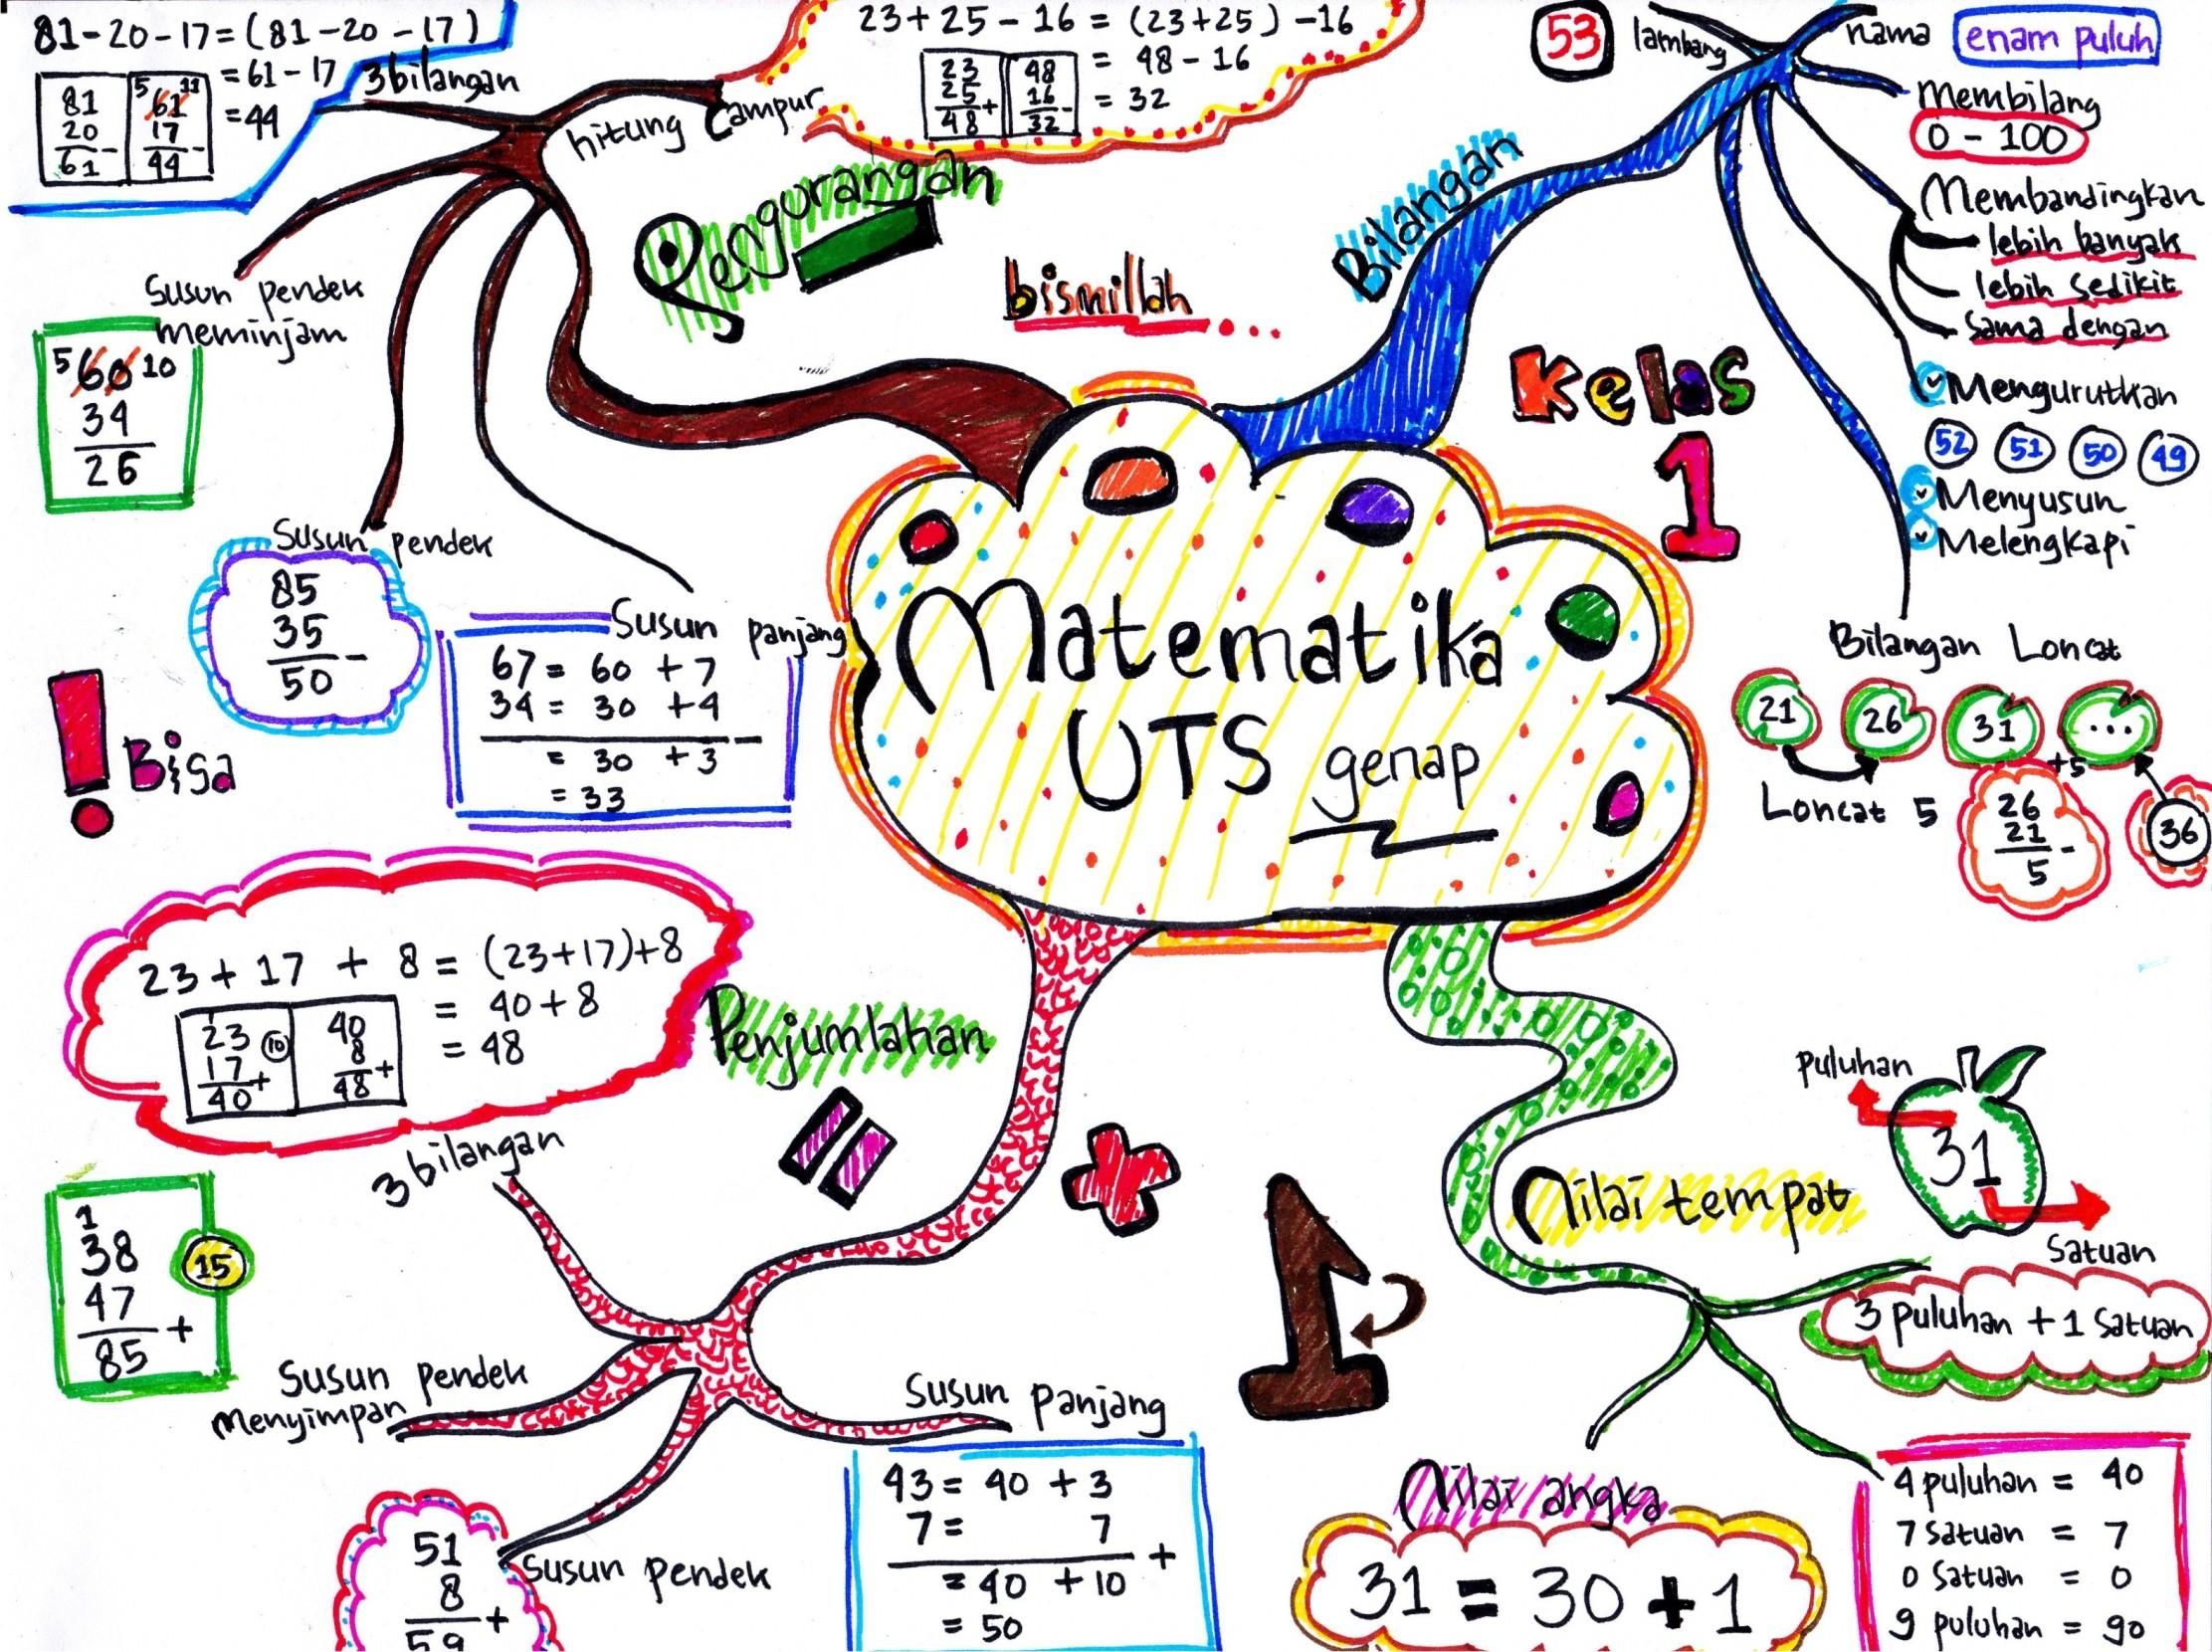 Image result for cara happy belajar di kelas dengan baik